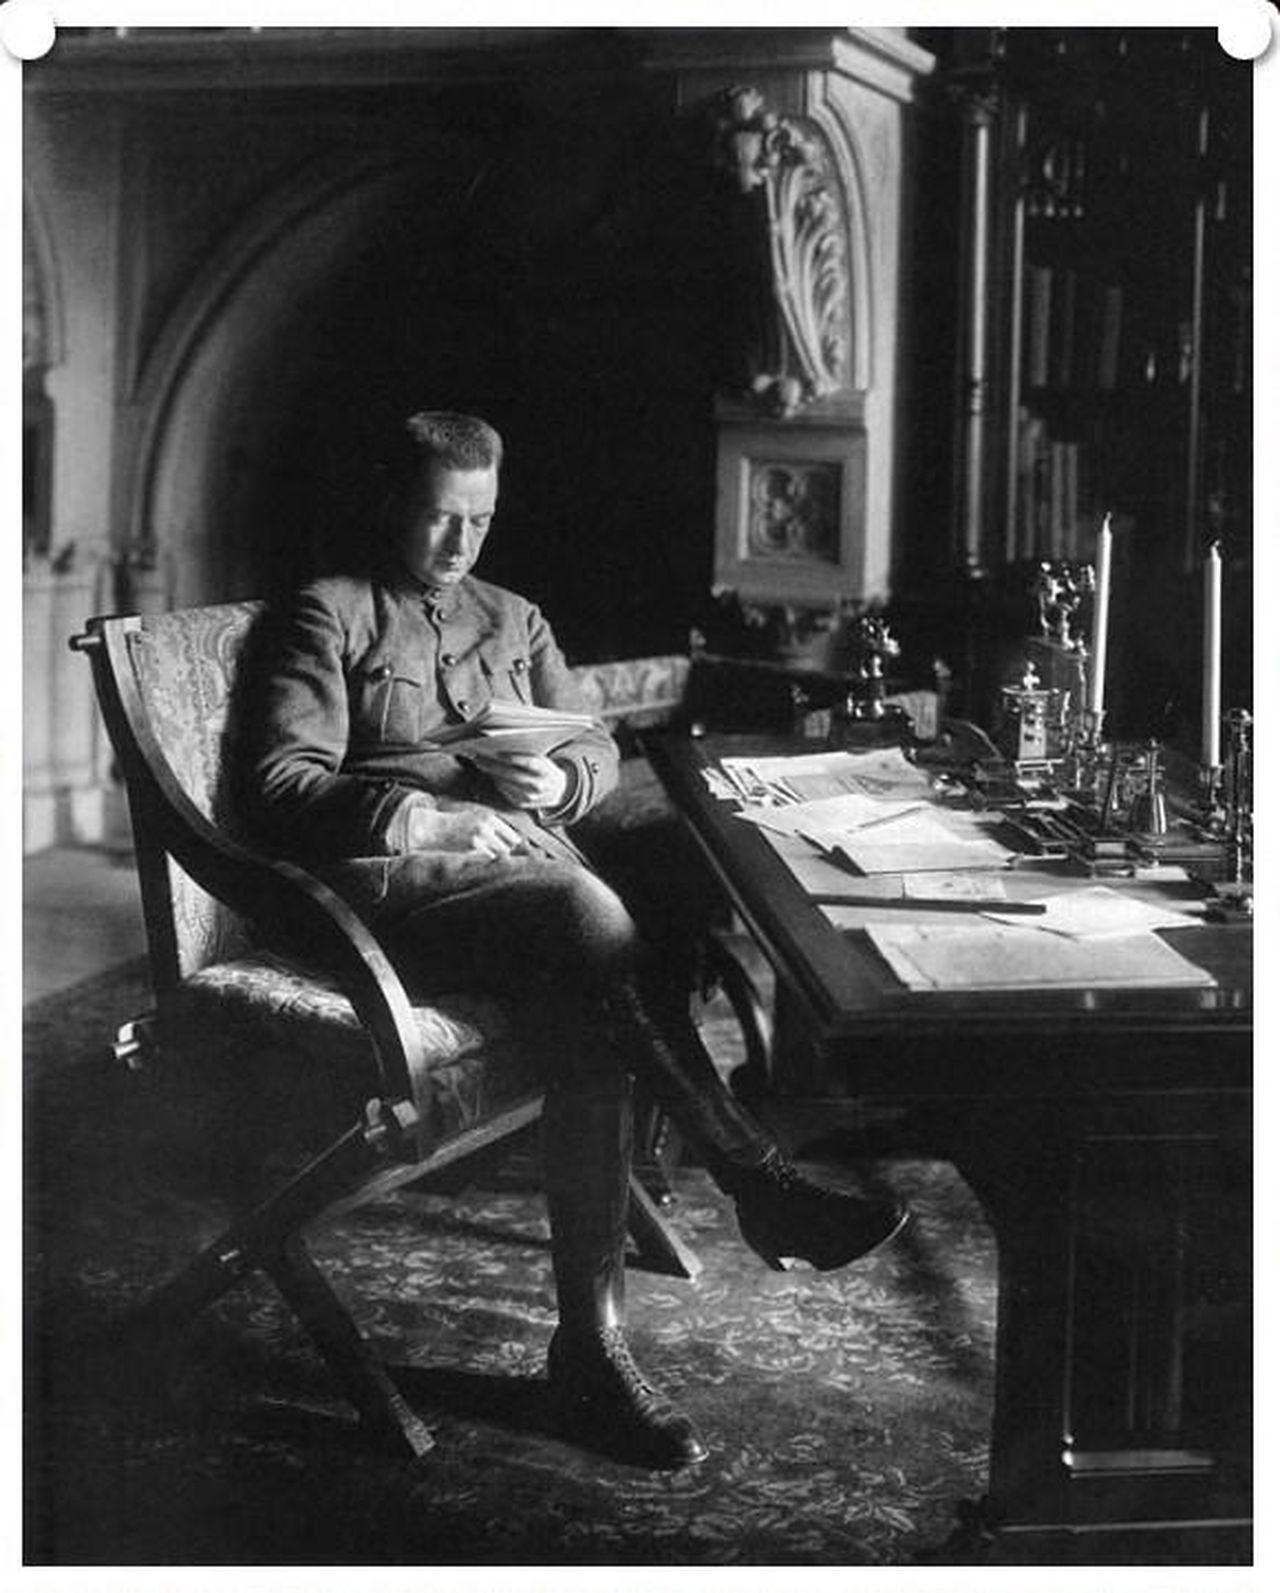 1917. Председатель Совета министров Временного правительства А.Ф. Керенский в библиотеке Николая II-го в Зимнем дворце